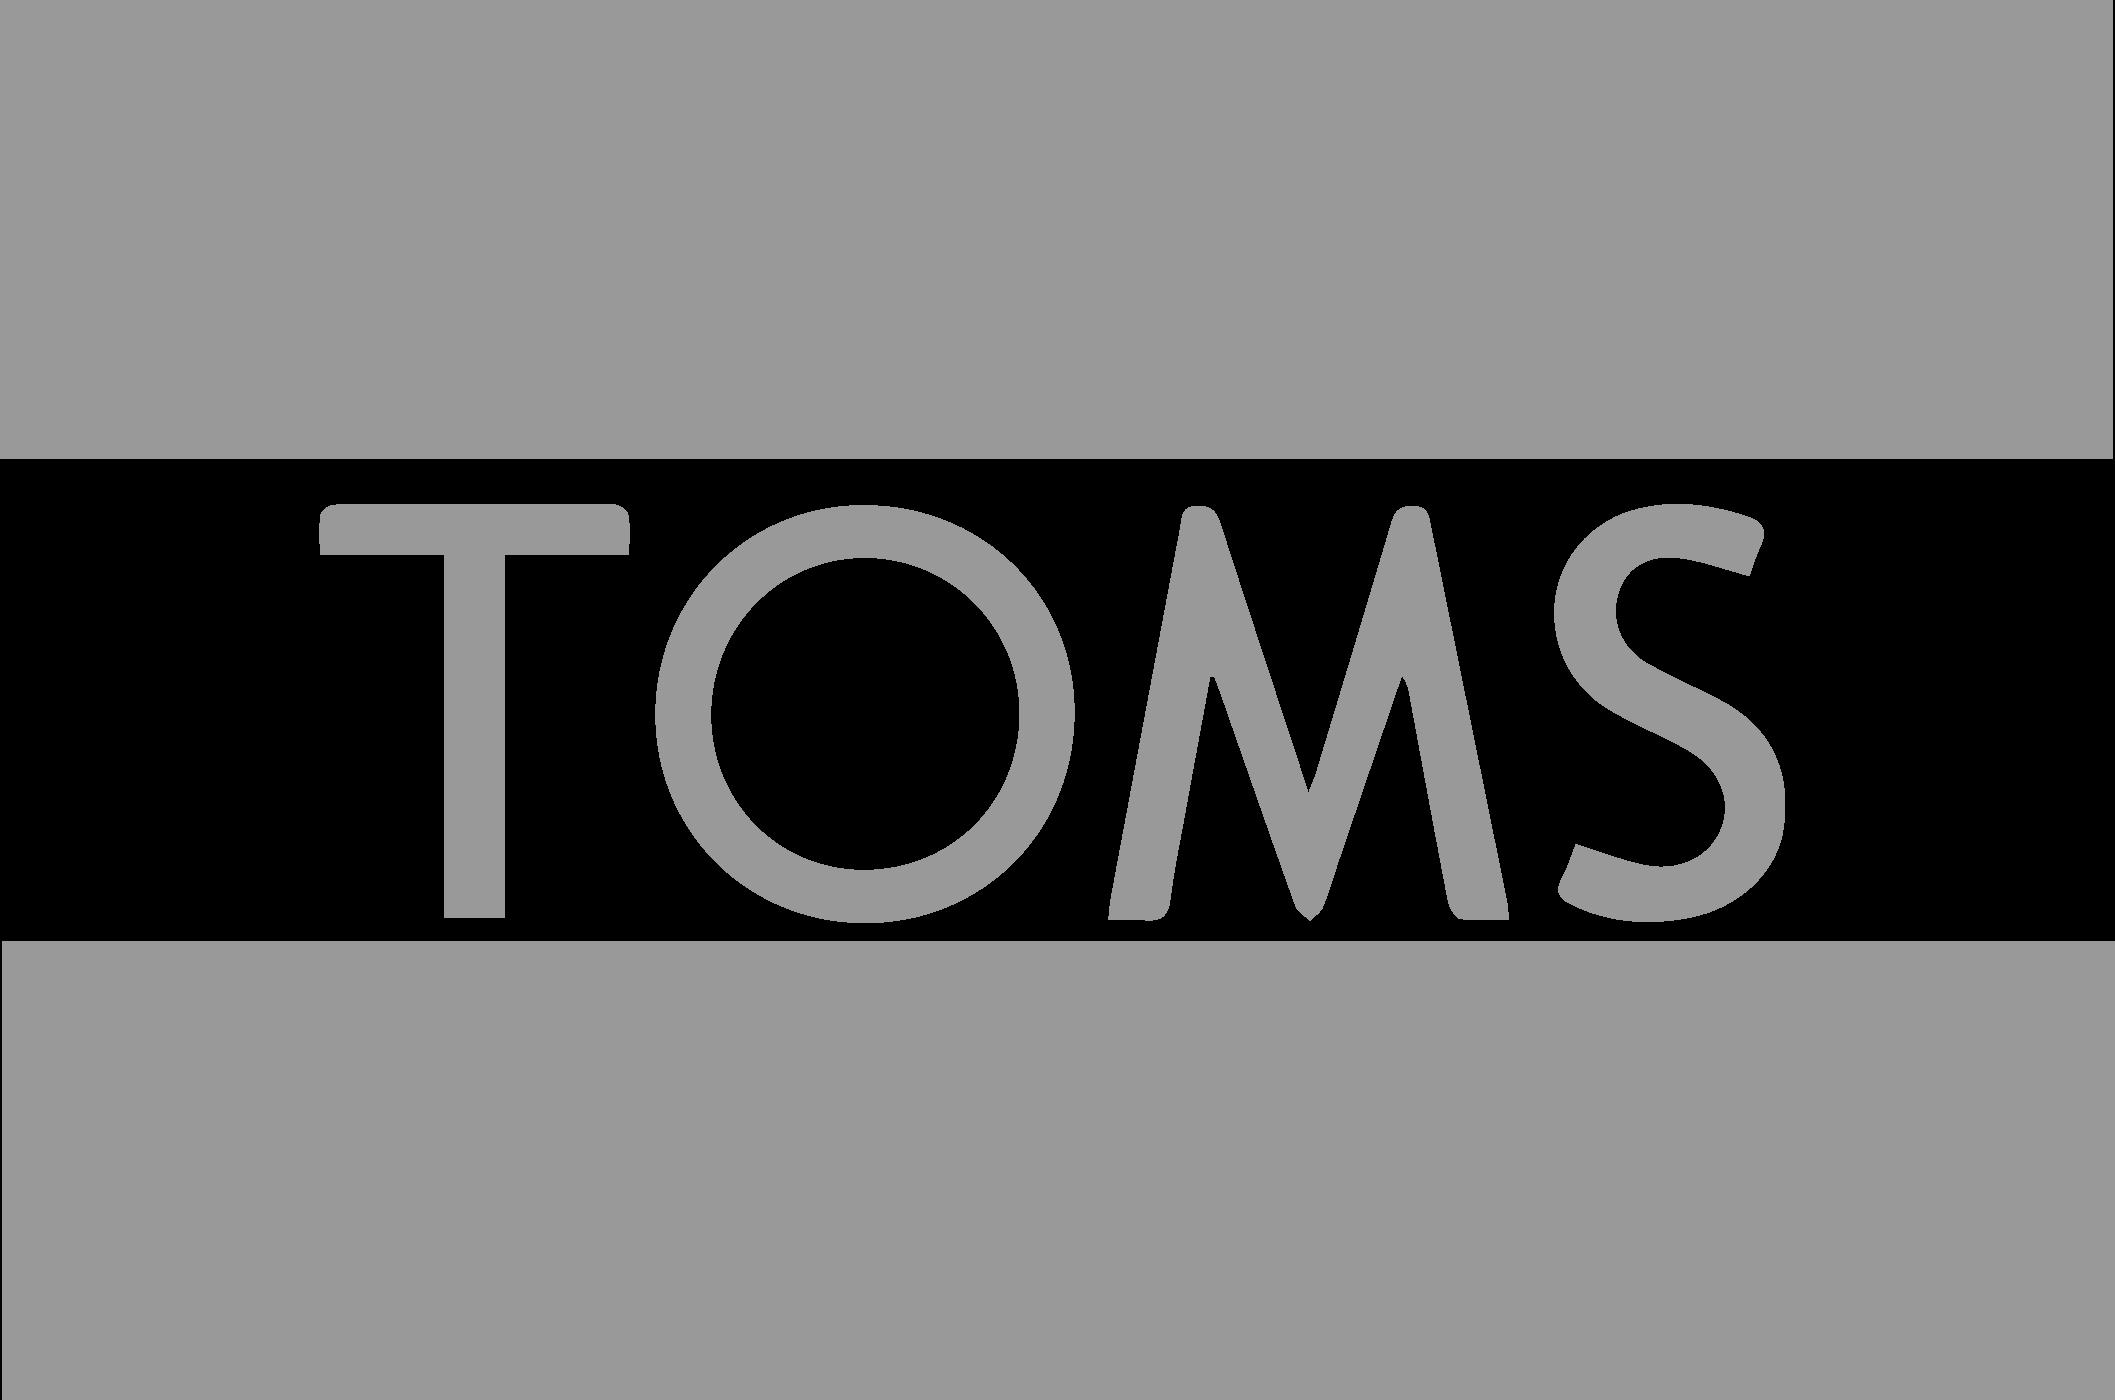 logo_toms(grey) (1).png